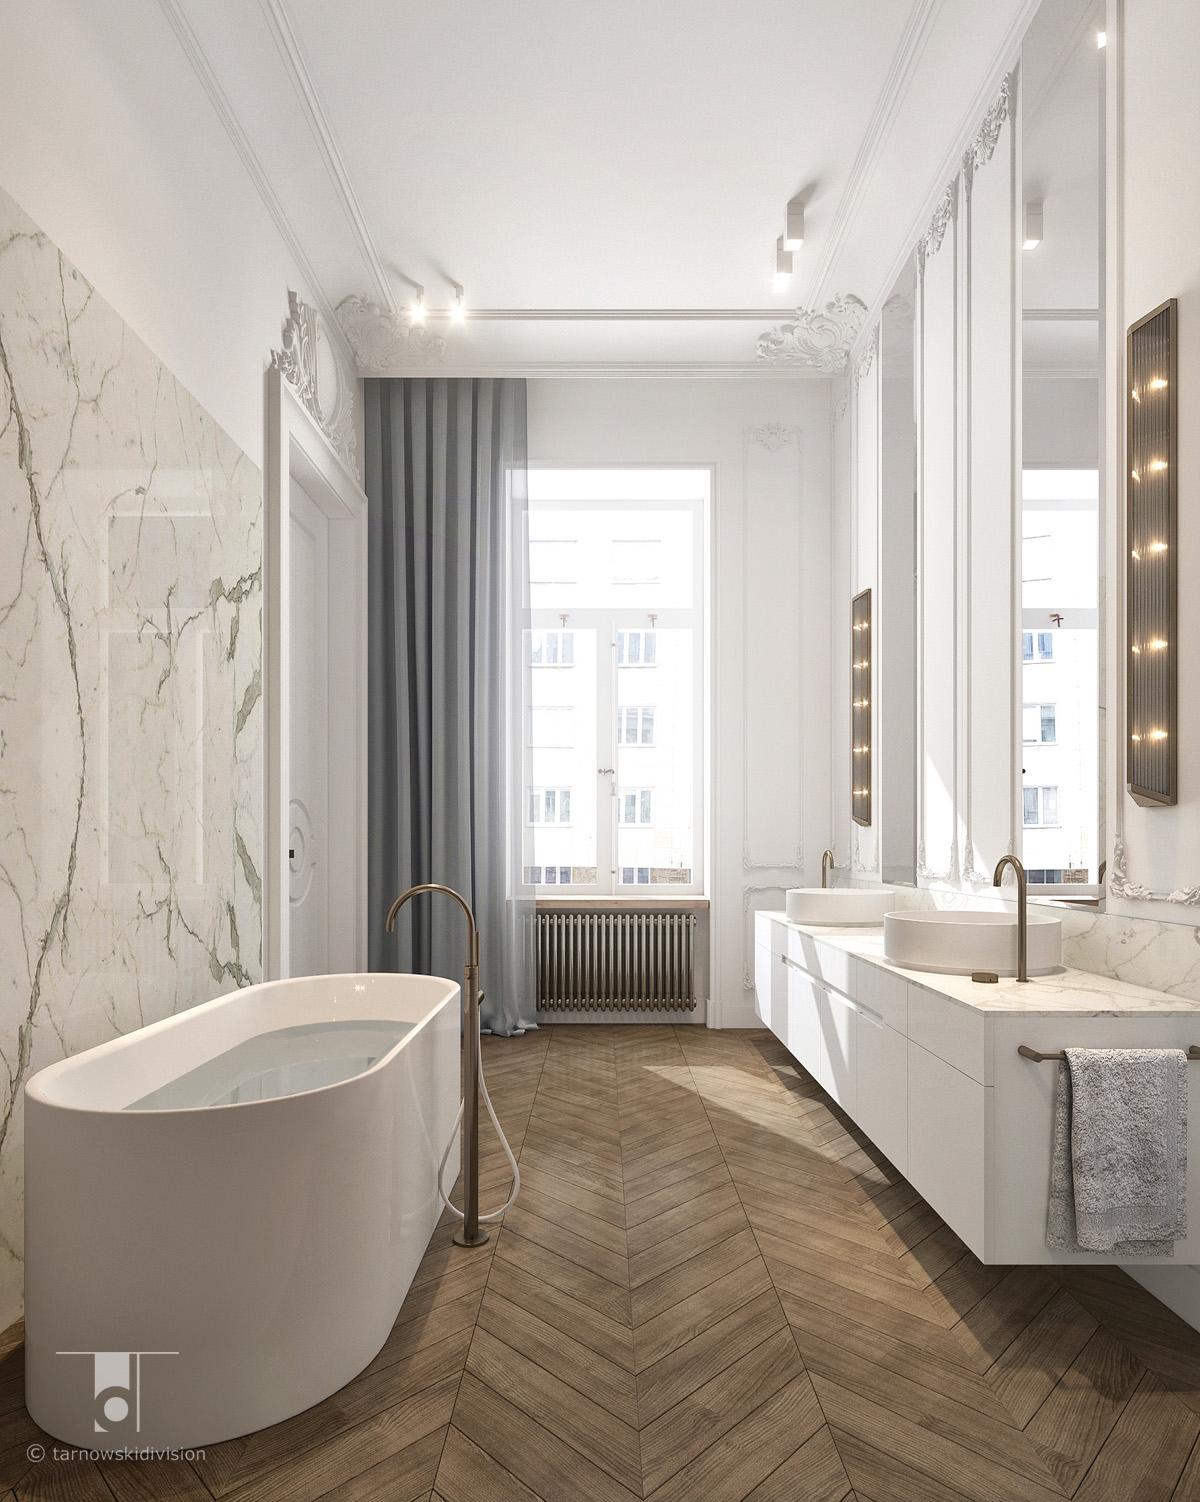 stylowa luksusowa łazienka projekt wnętrz salonu kąpielowego classic luxury bathroom interior design_tarnowski division